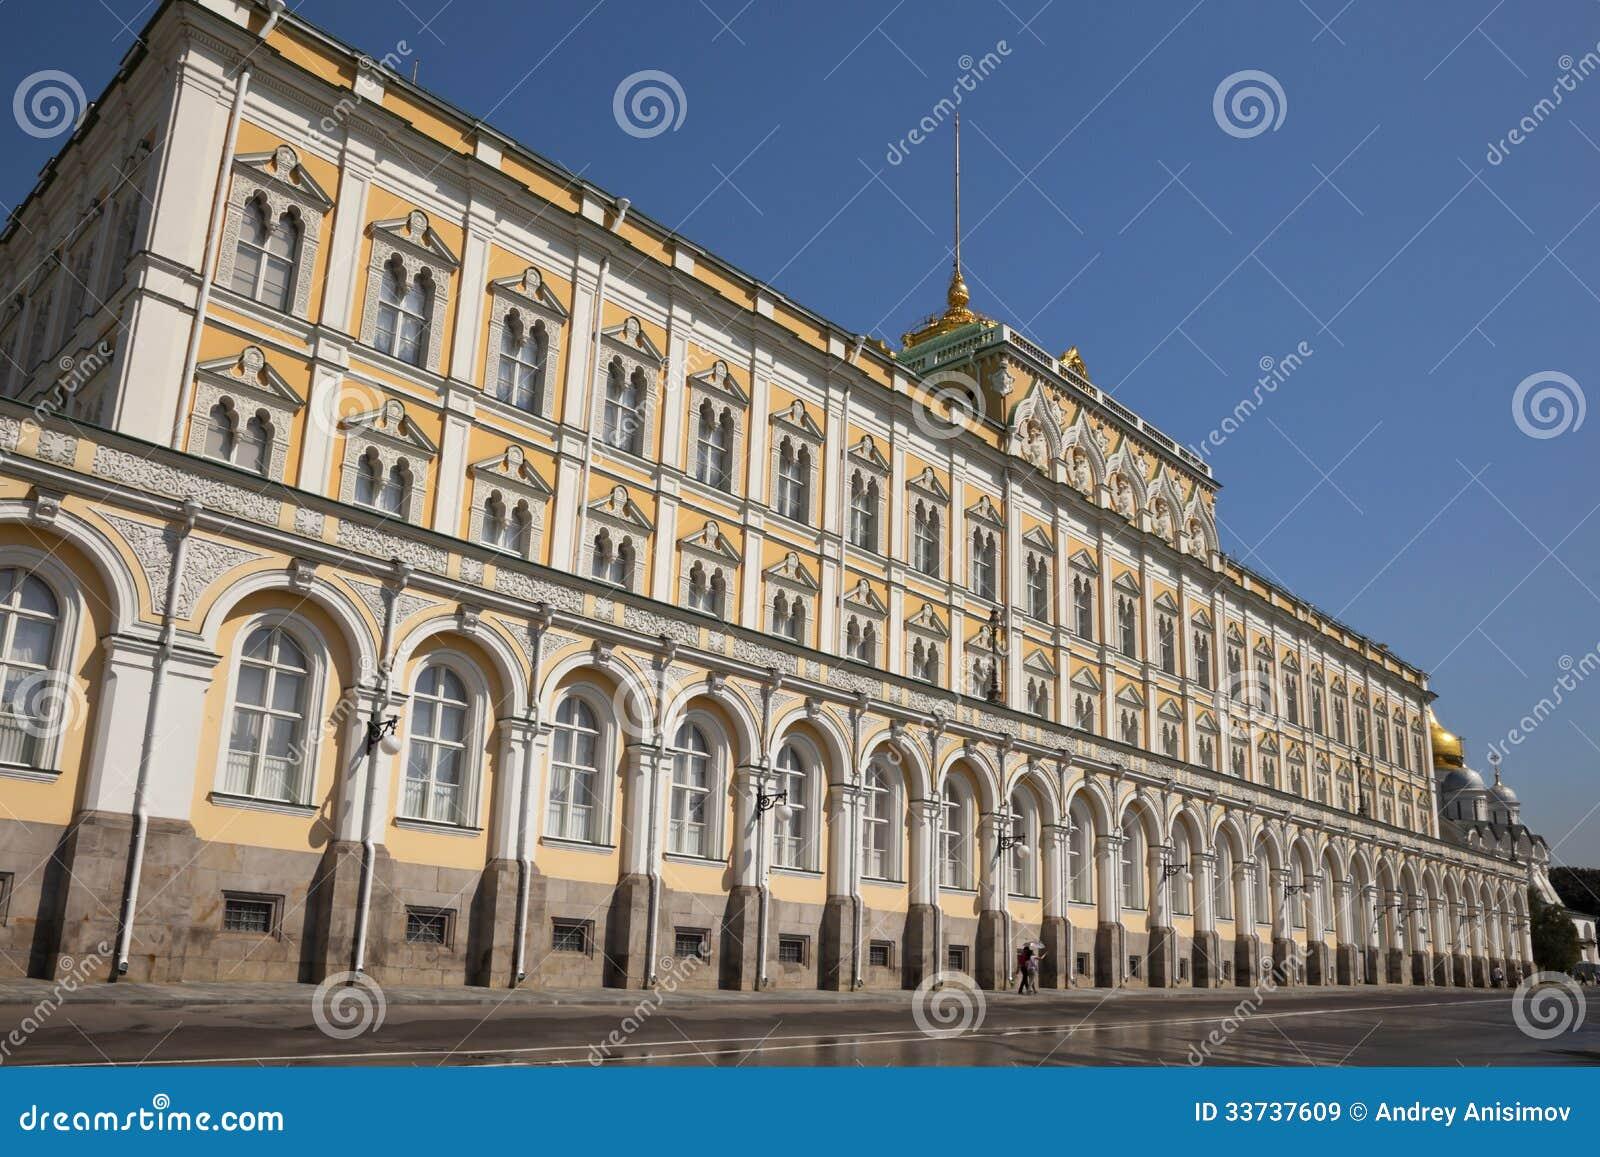 Грандиозный дворец Кремля. Москва. Россия.